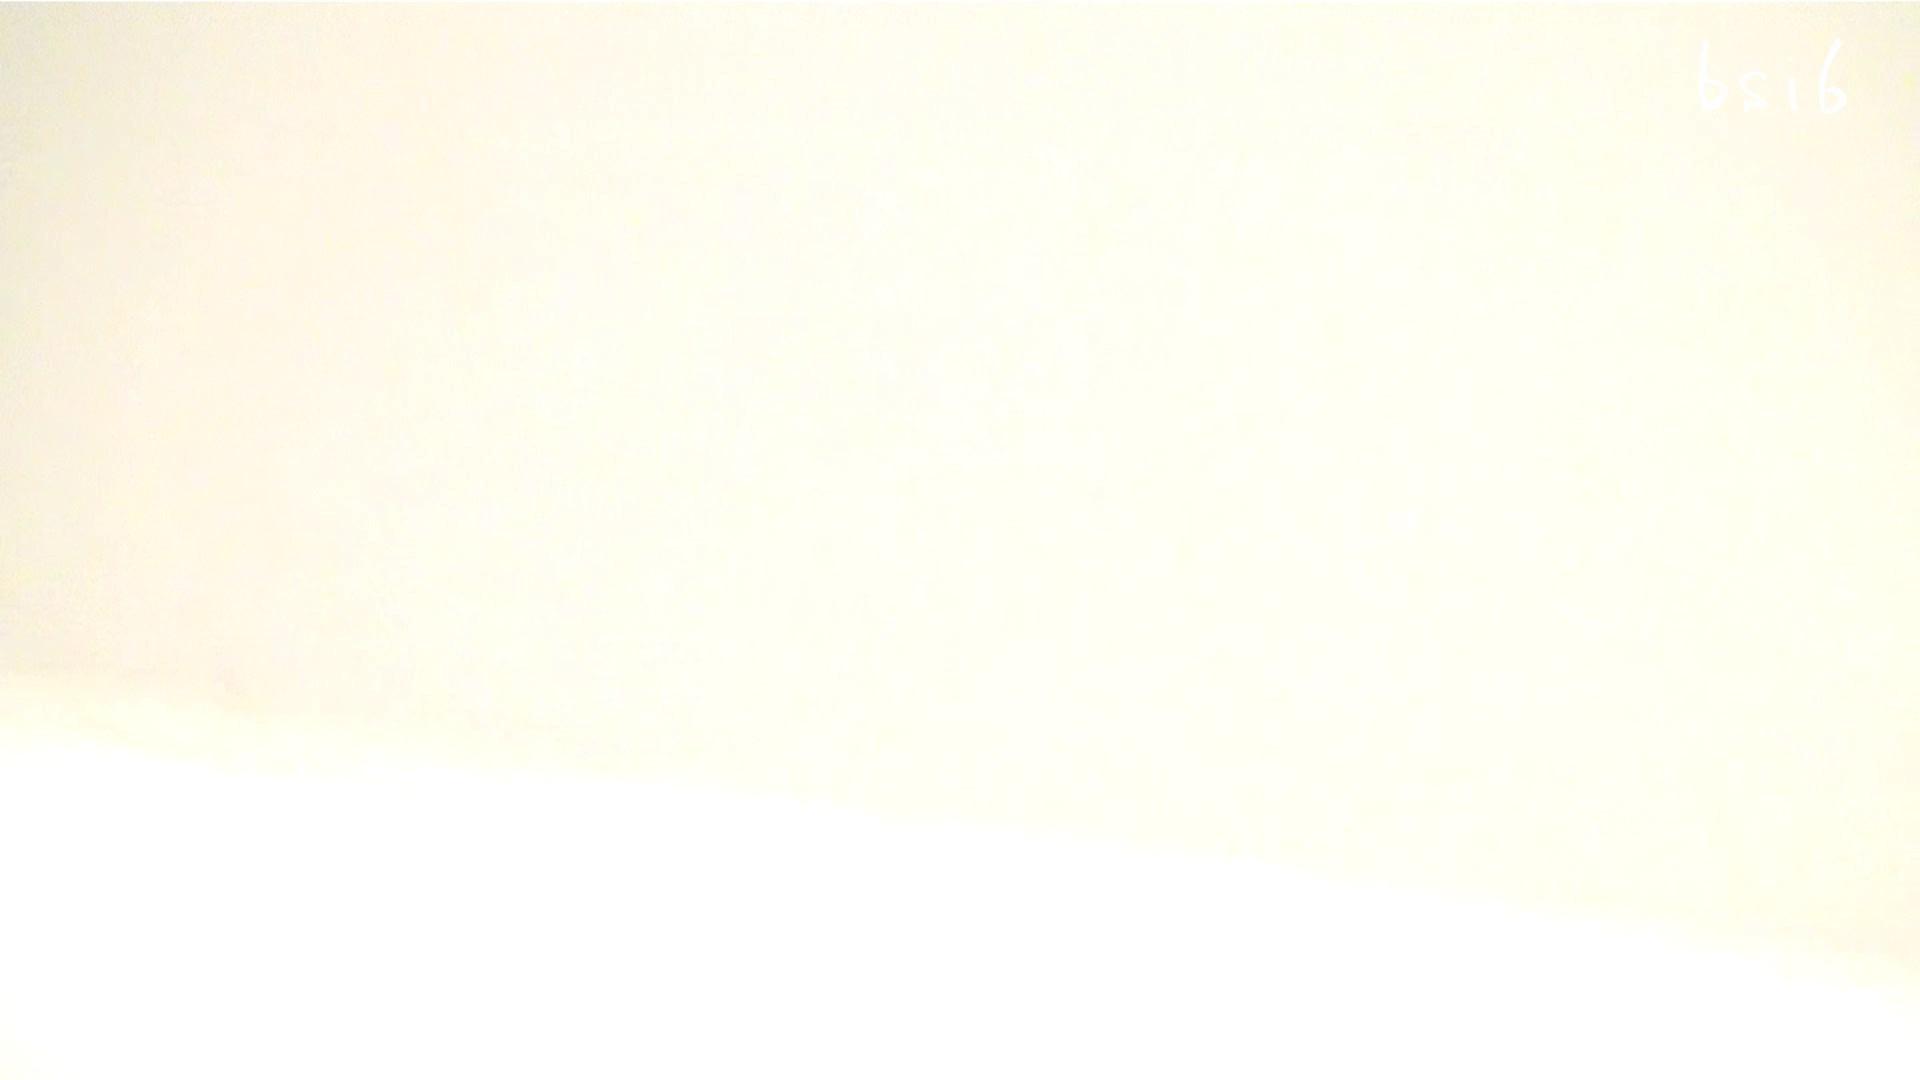 至高下半身盗撮-PREMIUM-【院内病棟編 】 vol.06 OLヌード天国 アダルト動画キャプチャ 63PIX 58